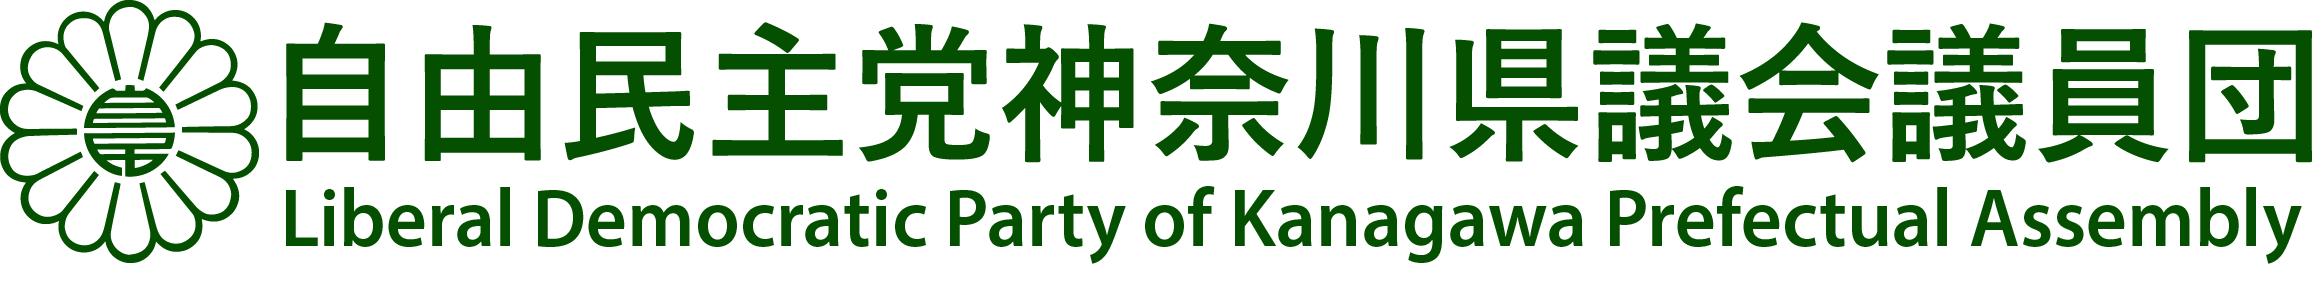 自由民主党神奈川県議会議員団